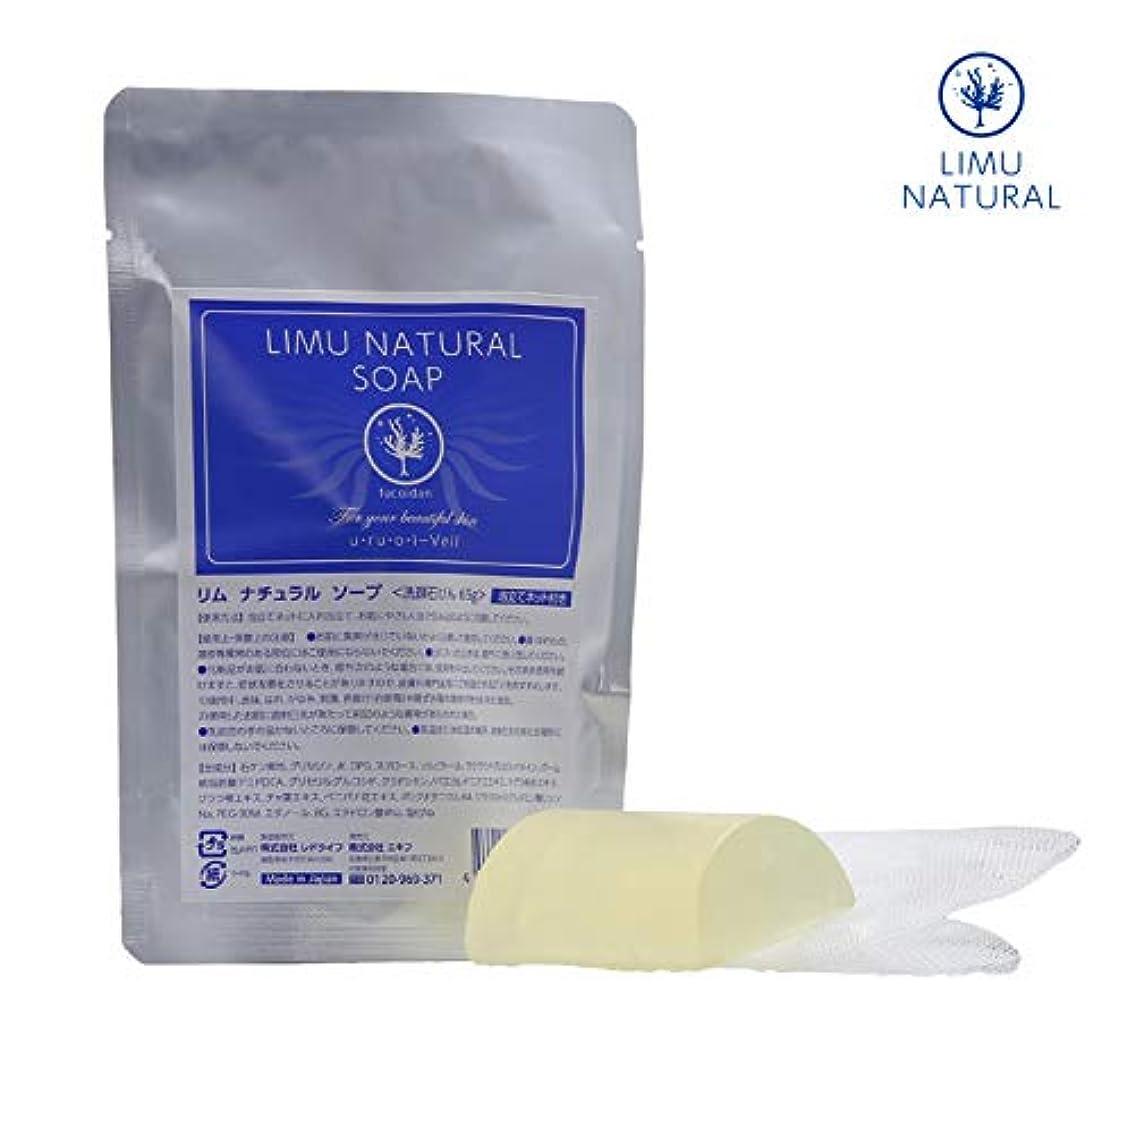 アンドリューハリディ剛性寝るリムナチュラルソープ LIMU NATURAL SOAP ヌルあわ洗顔石けん 泡だてネット付き「美白&保湿」「フコイダン」+「グリセリルグルコシド」天然植物成分を贅沢に配合 W効果 日本製